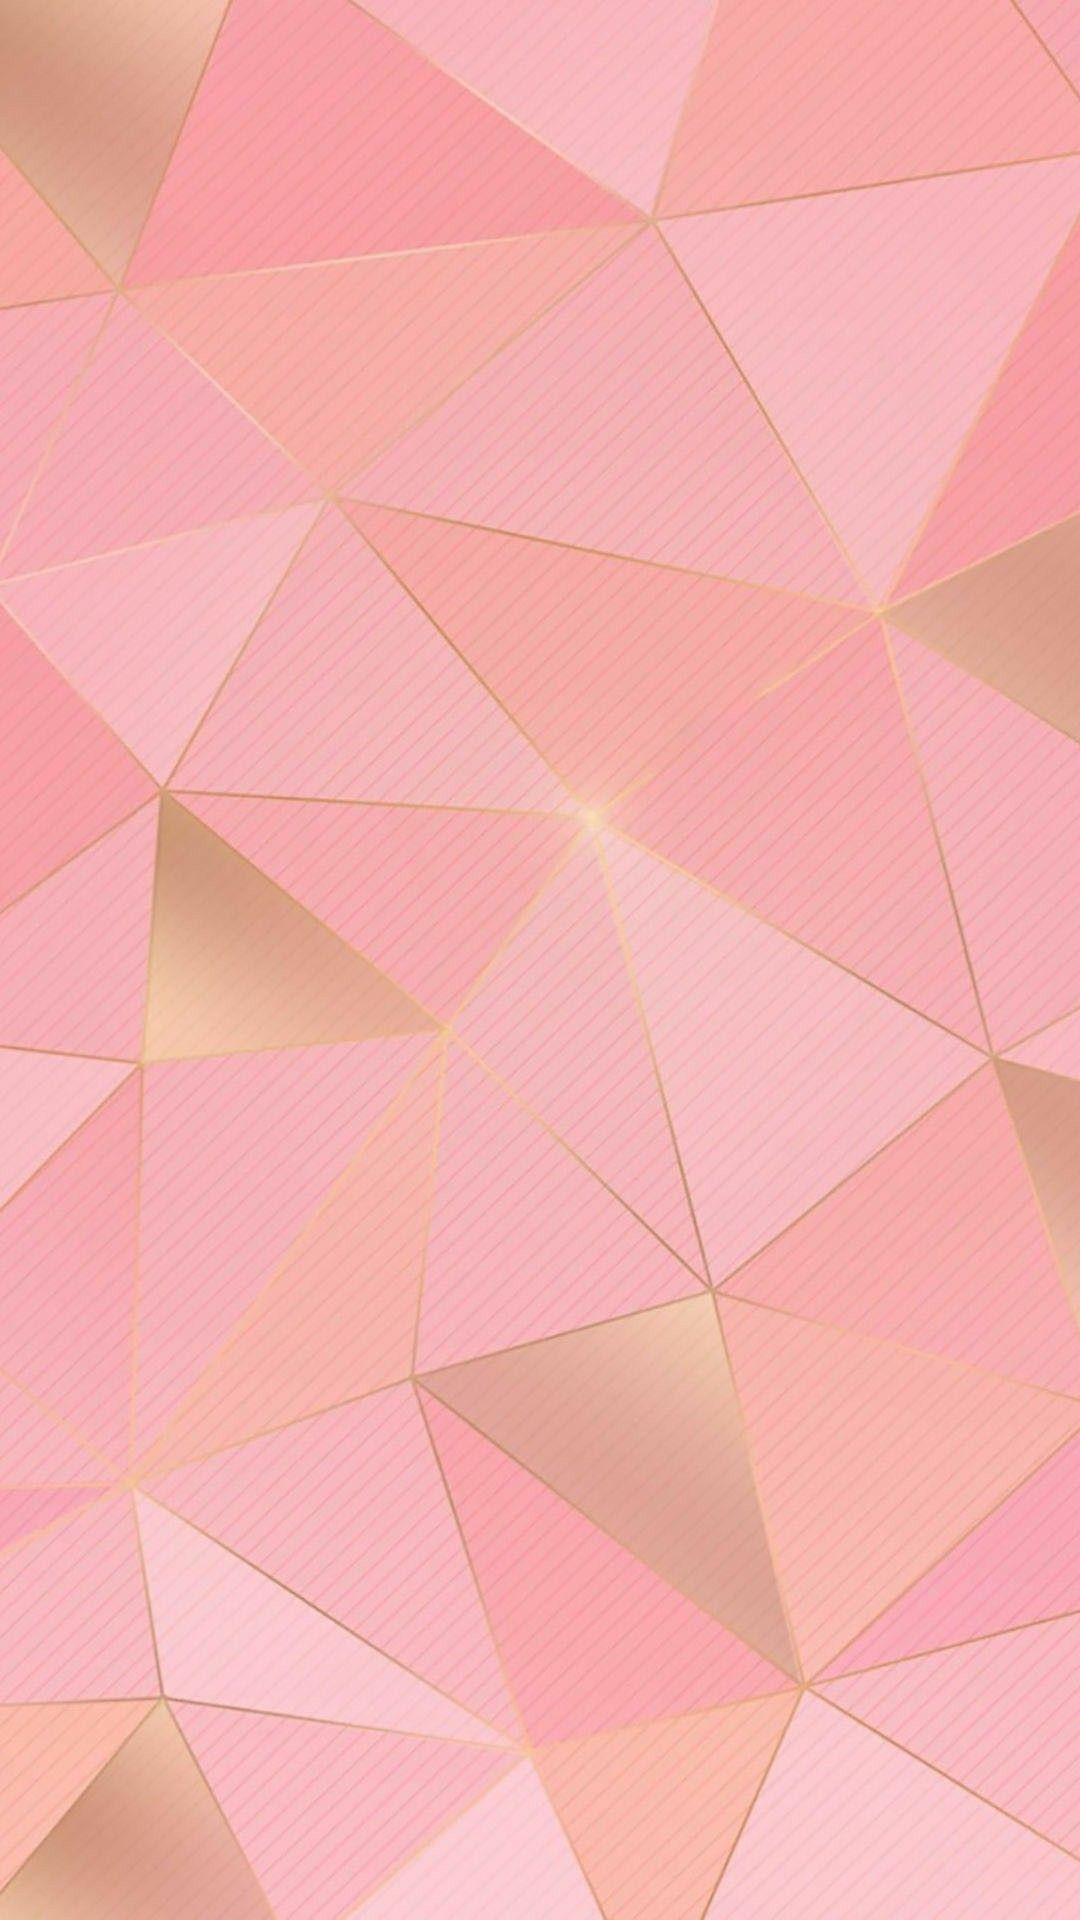 Repetidor De Wifi Gold Wallpaper Iphone Iphone Background Pink Pink Wallpaper Iphone